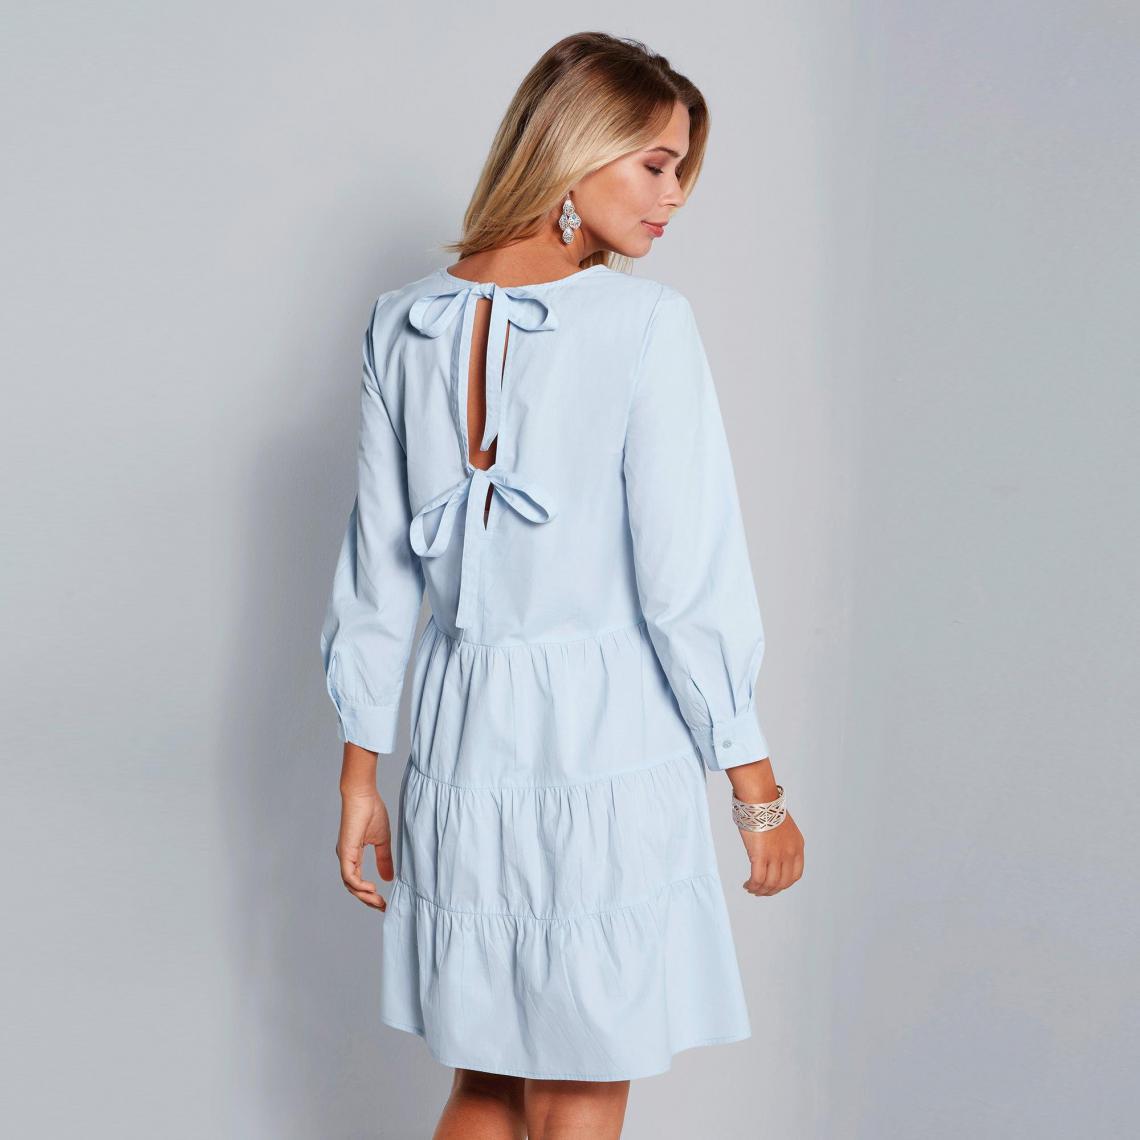 d63e2558543 Robe manches longues bas effet froncé femme - Bleu